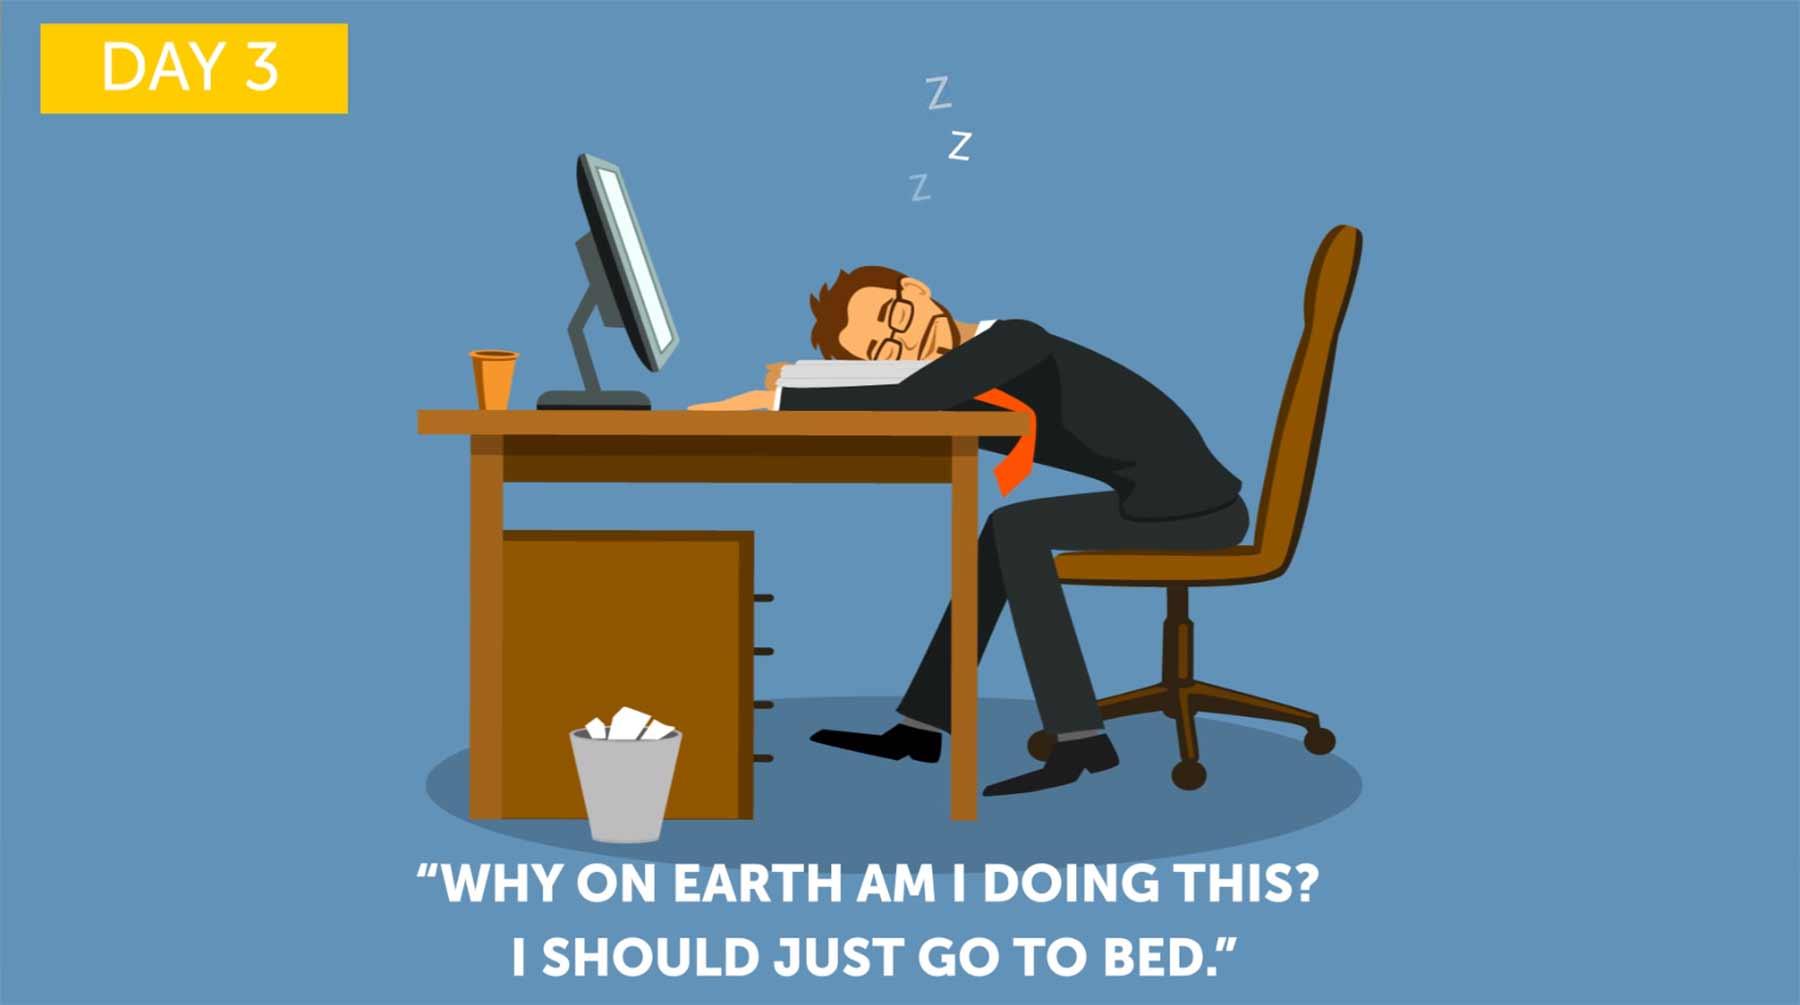 Reichen vier Stunden Schlaf am Tag? vier-stunden-schlaf-am-tag